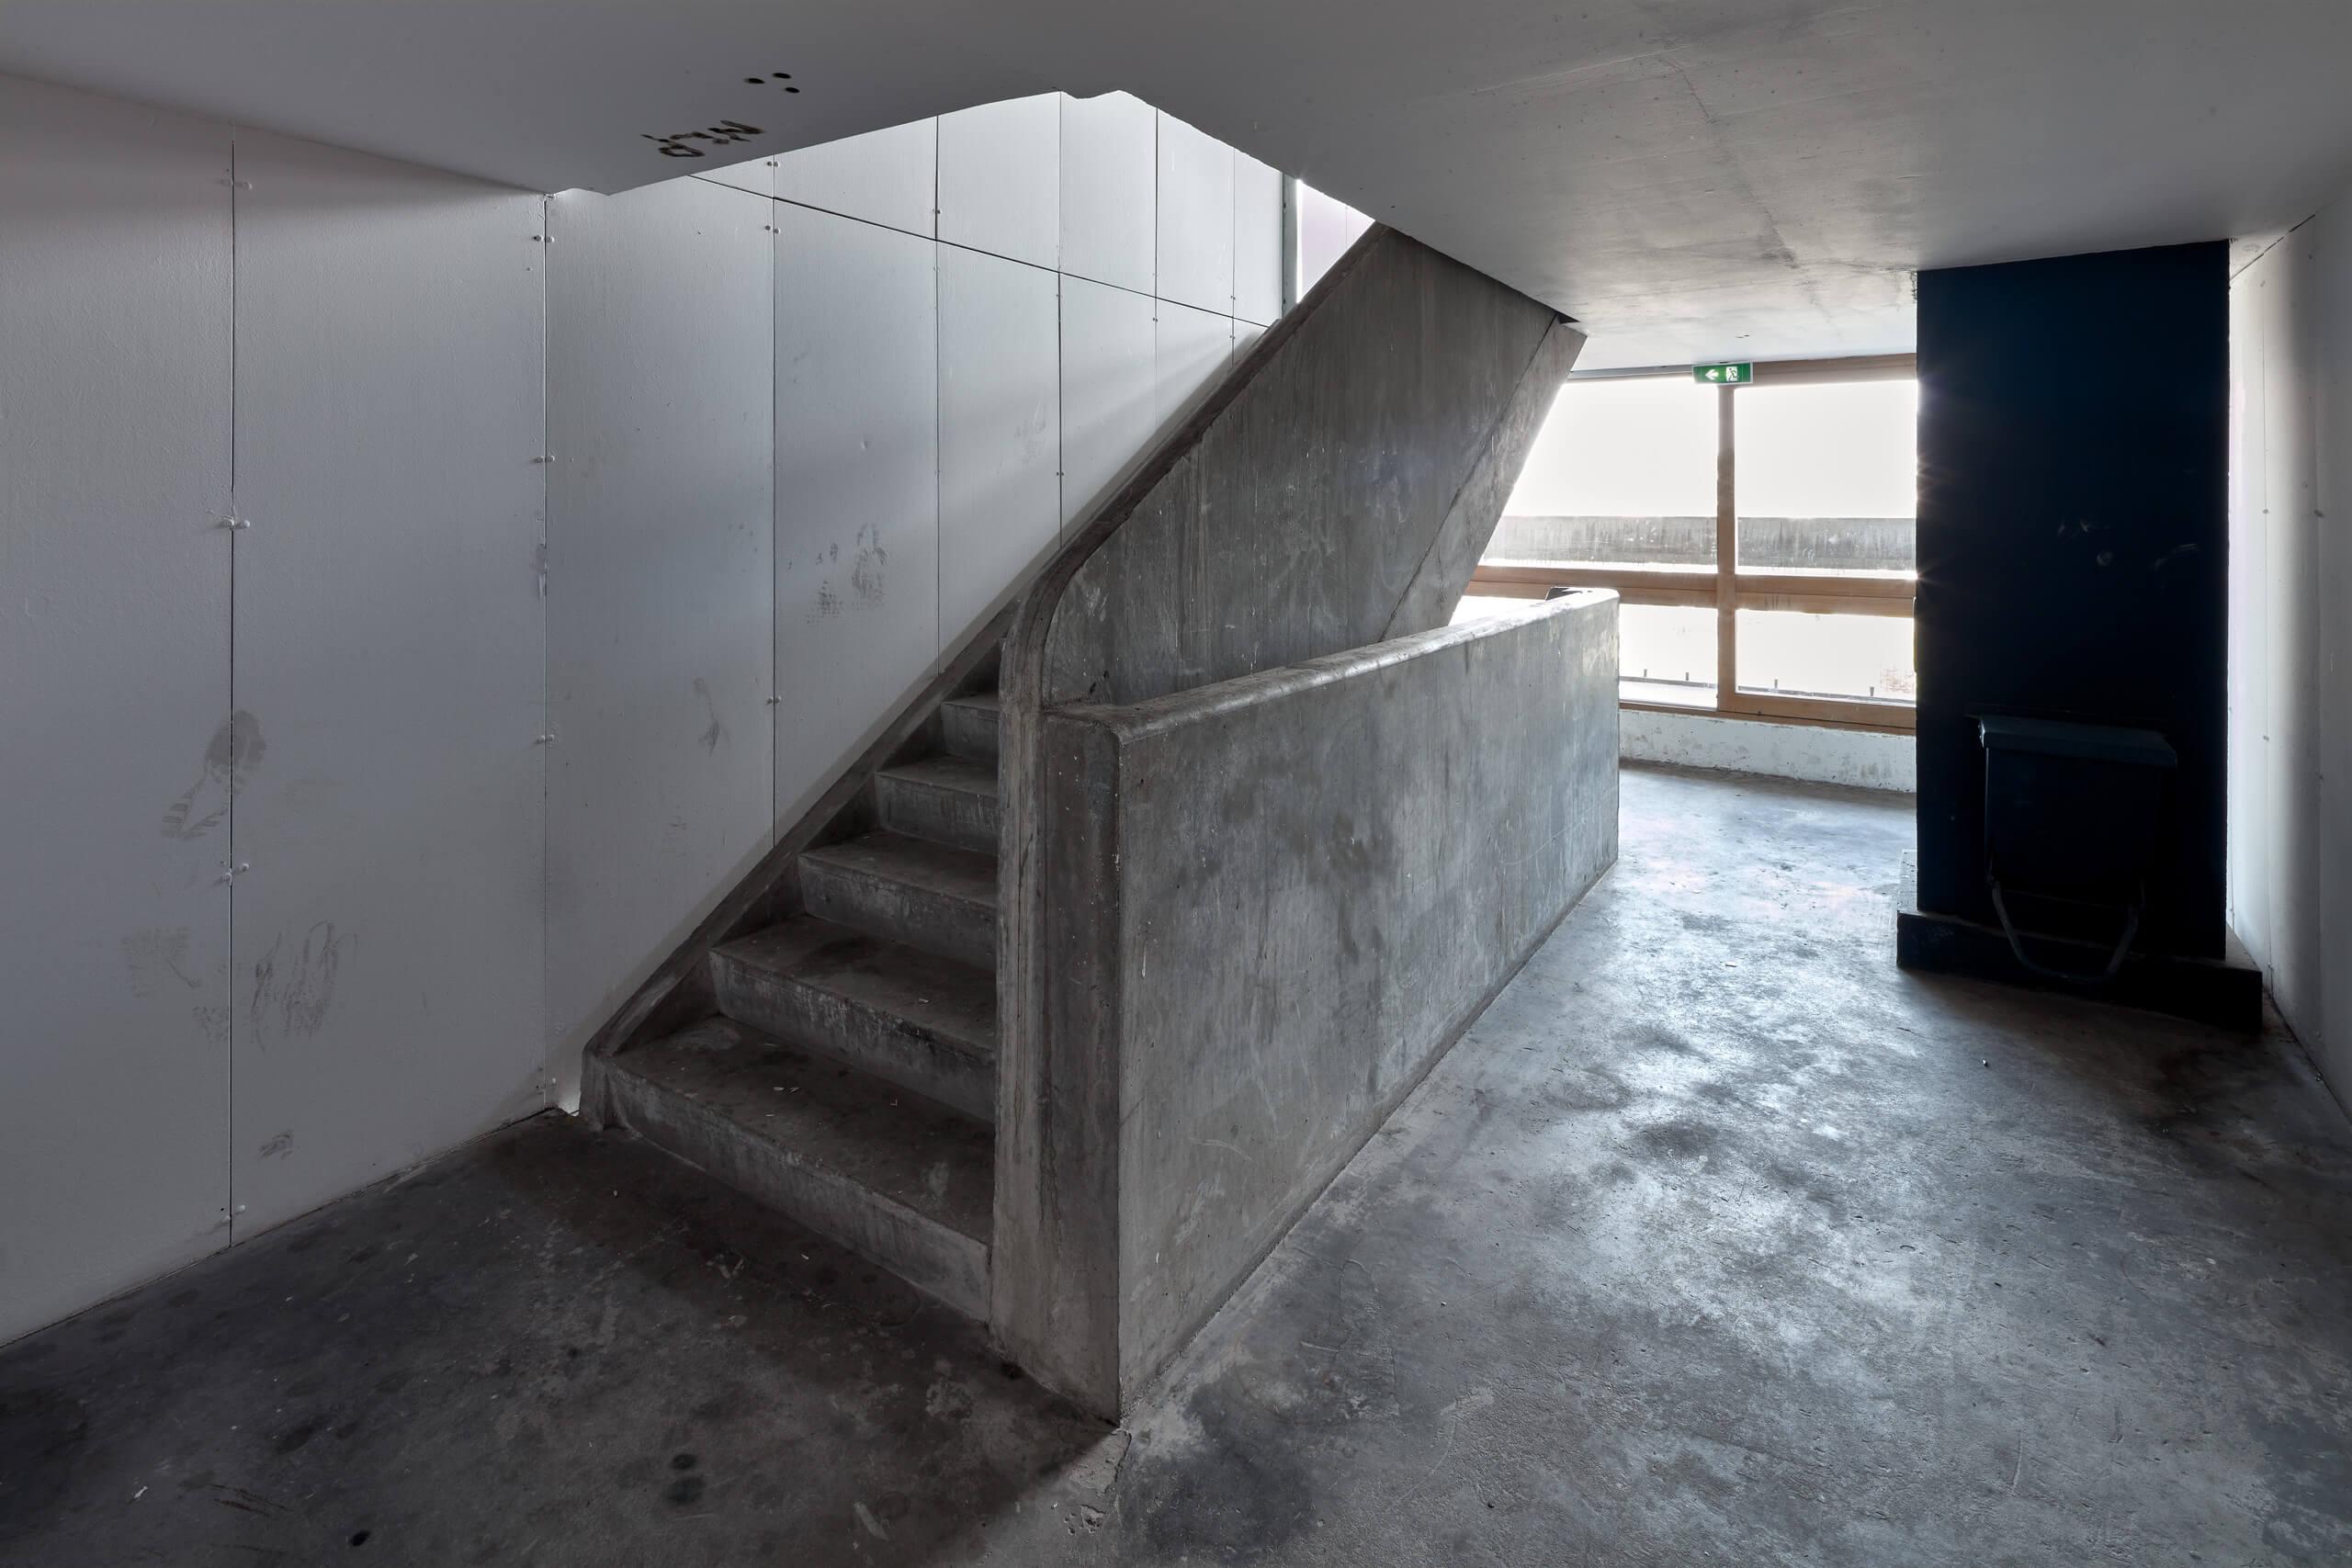 Federico_Covre_Unité_Firminy_Le_Corbusier_2018_47